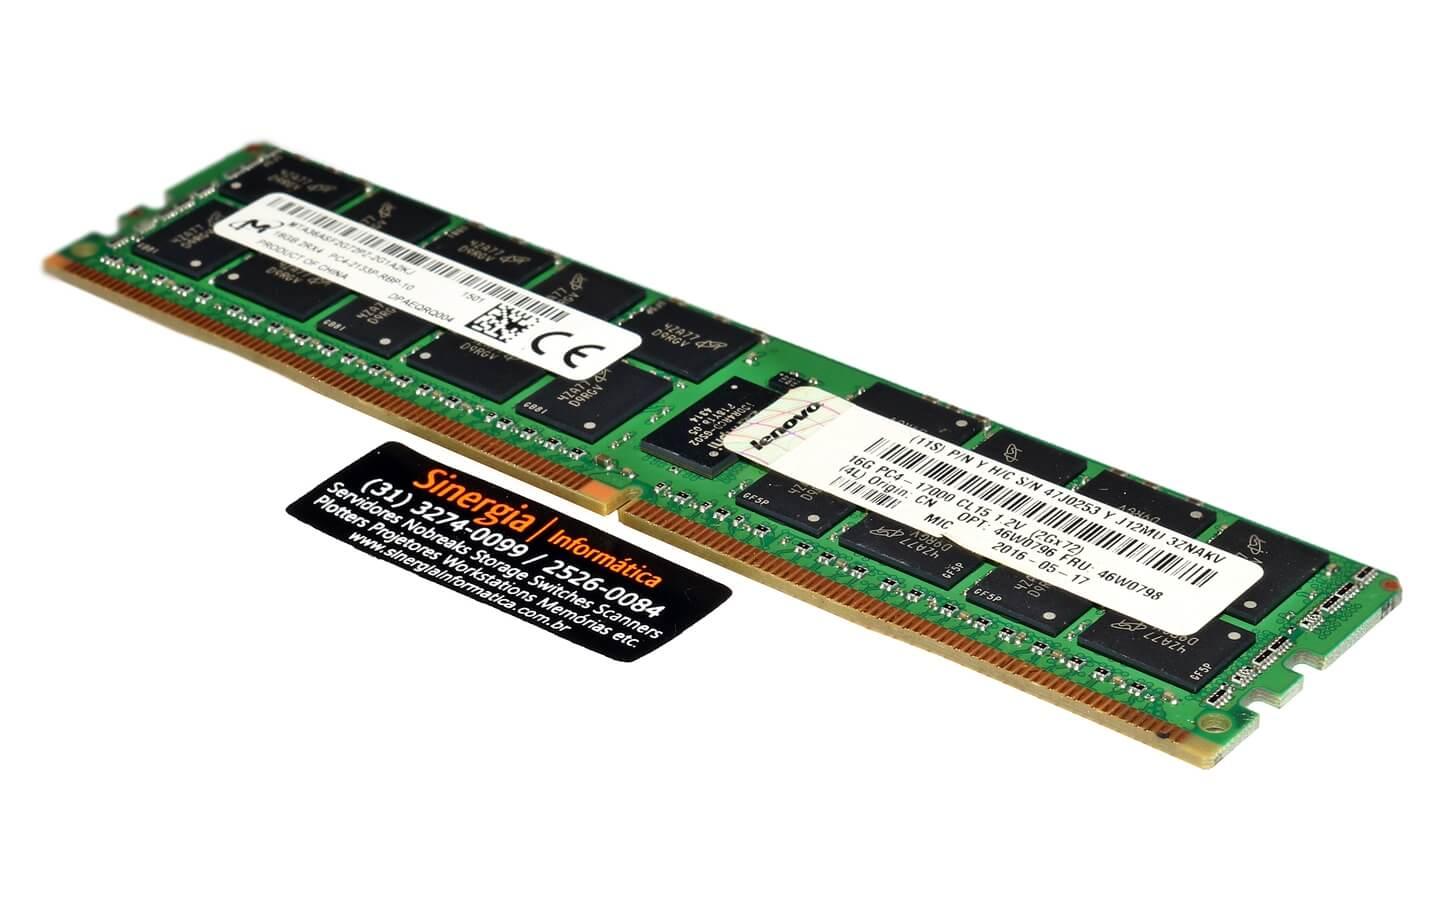 16GB 2Rx4 PC4-2133P-RBP-10 Memória Lenovo 16GB DDR4 2133MHz ECC Registrada Servidor Lenovo System X3550 x3650 M5 x3850 x3950 X6 pronta entrega